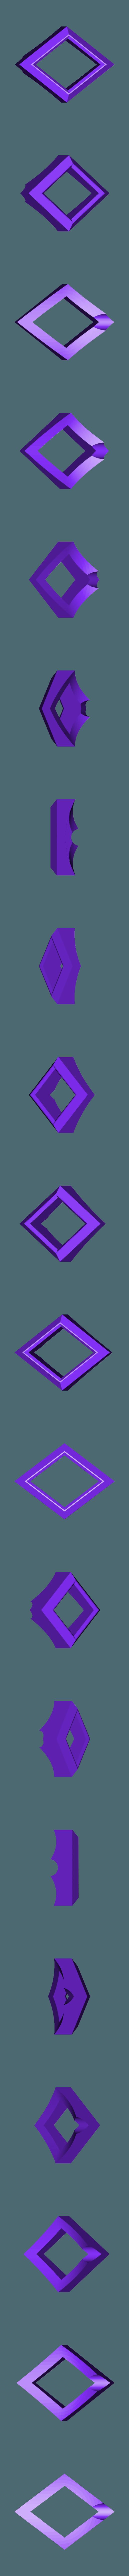 sword - diamond bordure.stl Télécharger fichier STL gratuit Link Goddess Sword (without painting) • Design pour imprimante 3D, lipki